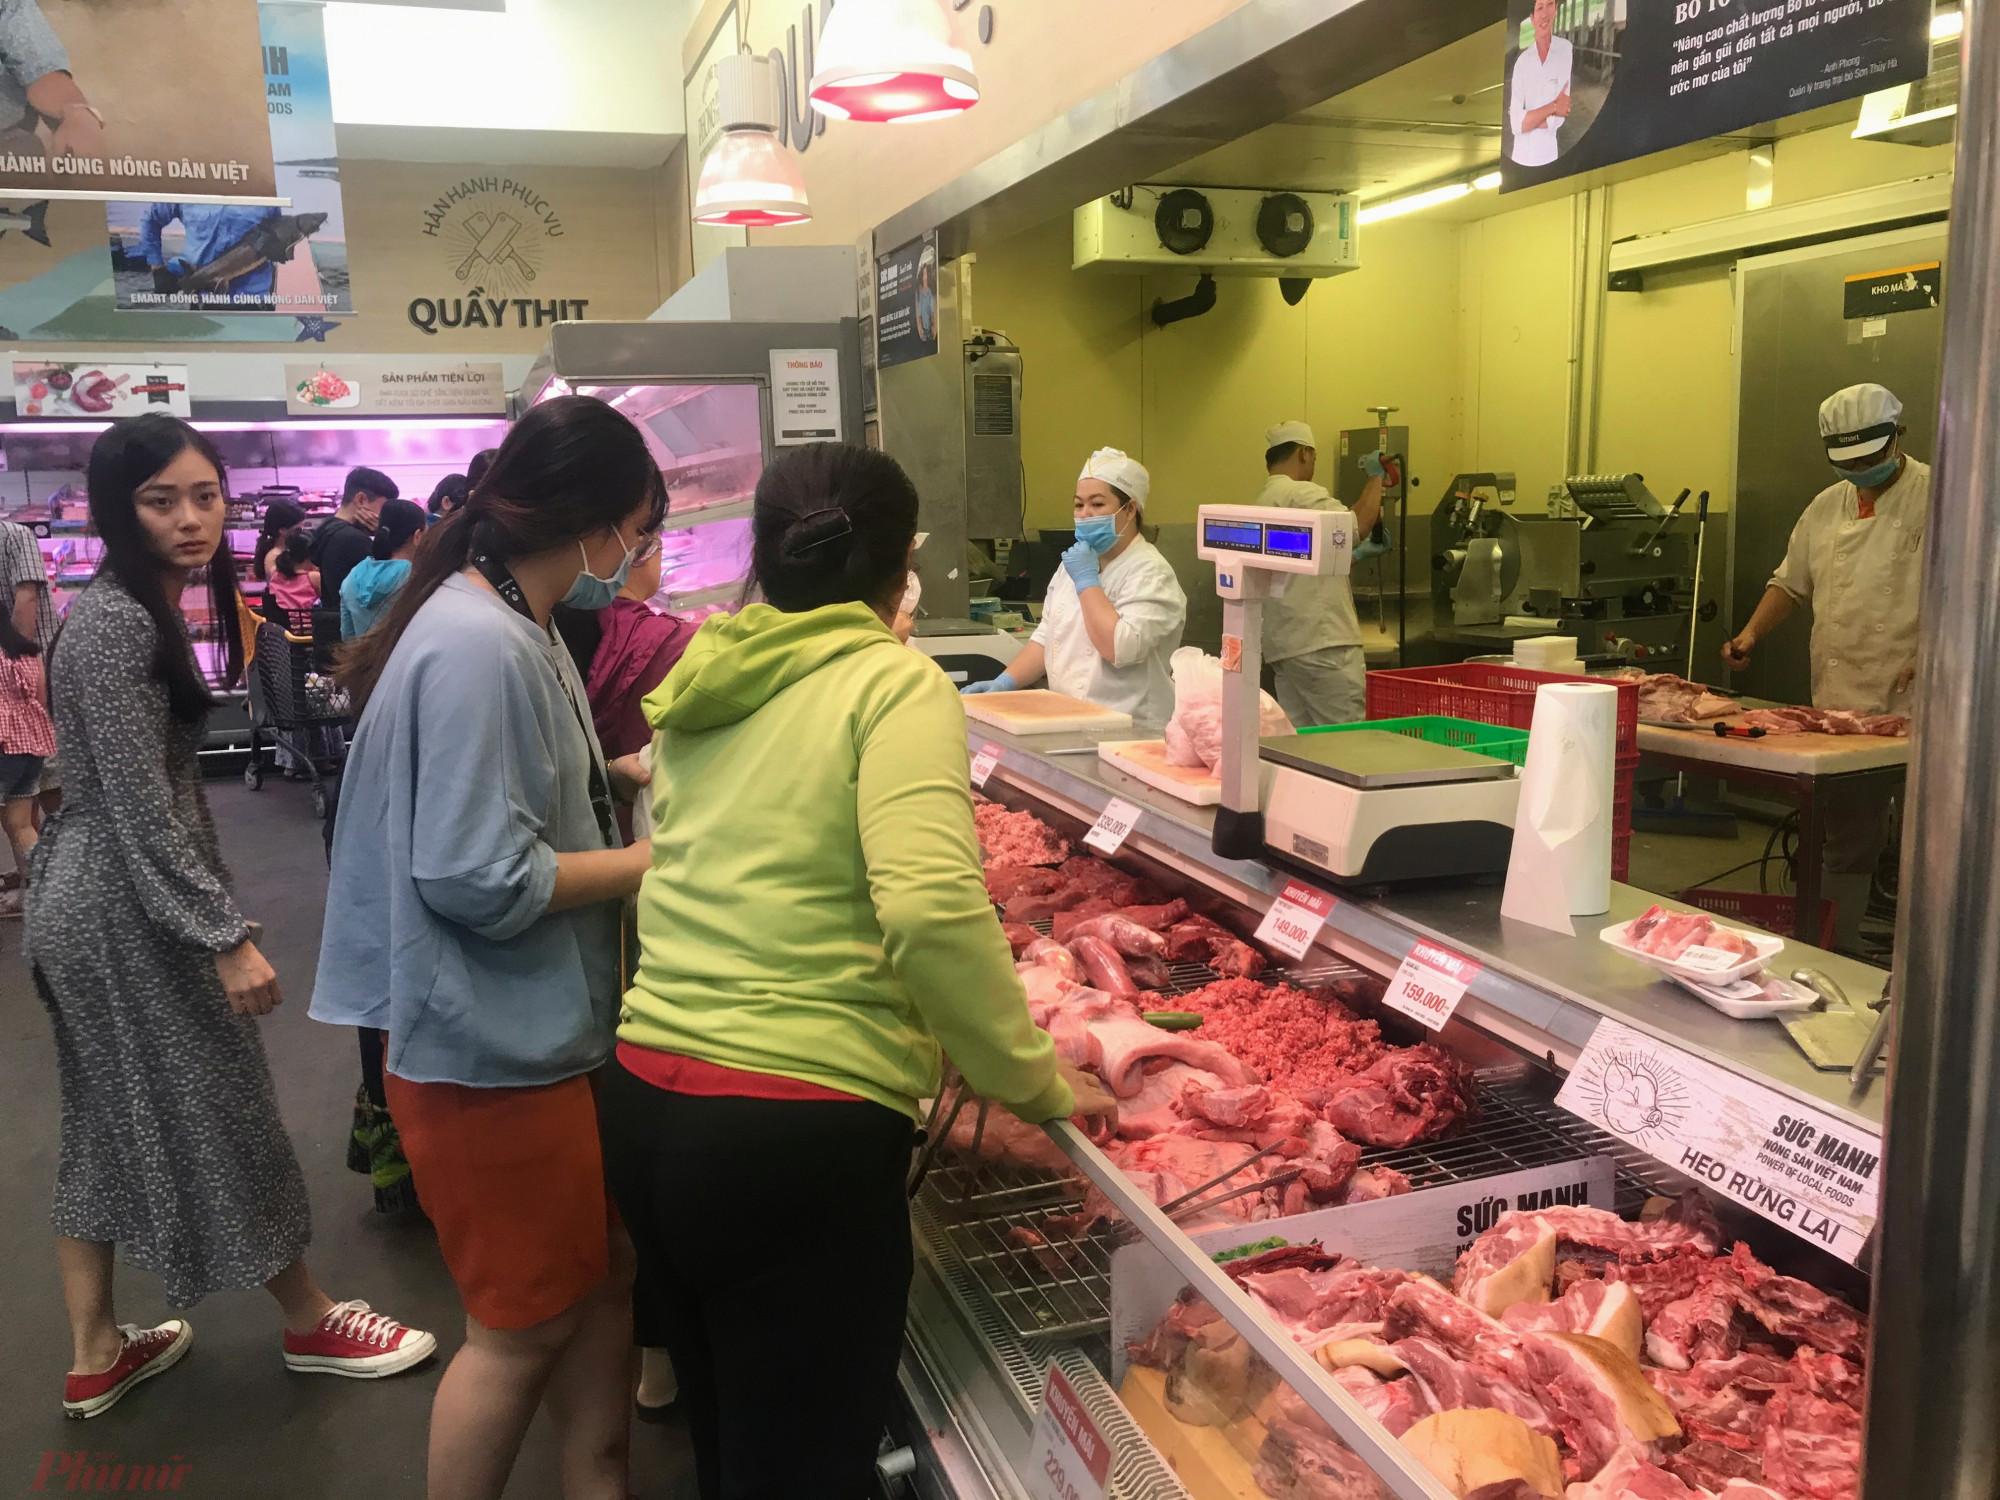 Quầy hàng tươi sống như thịt heo, bò, cá, tôm,... khá hút khách. Mặc dù trong cơn